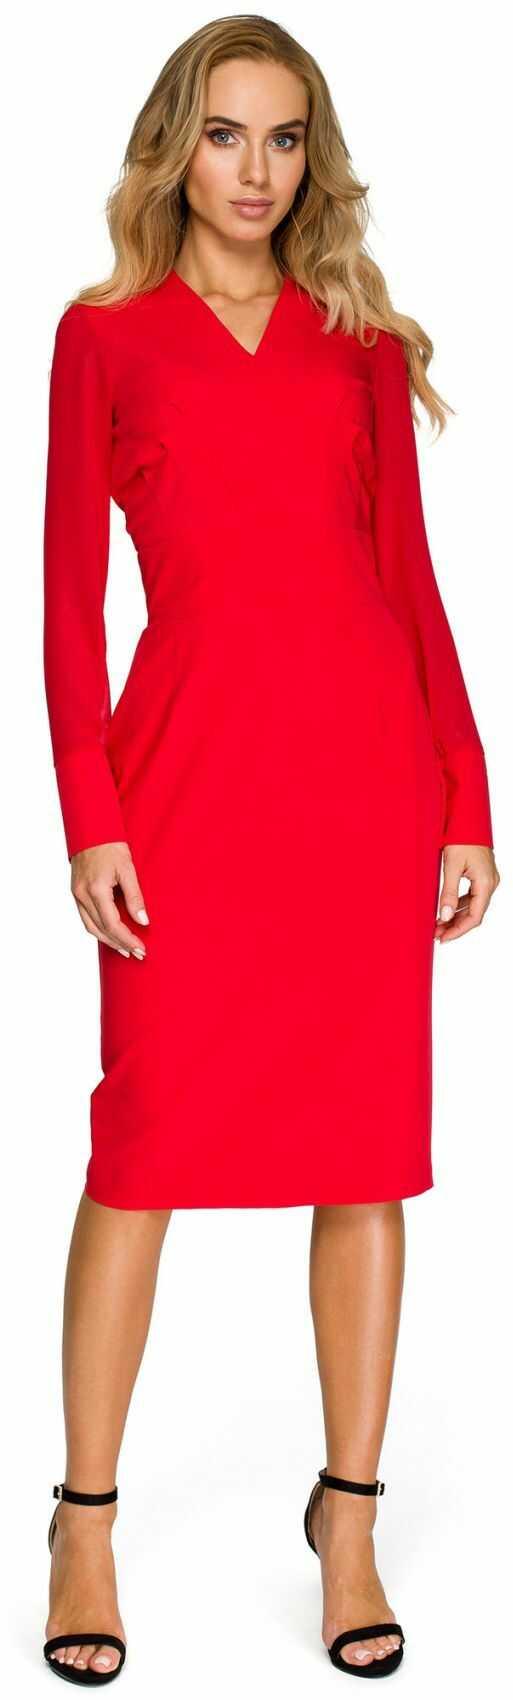 S136 Sukienka ołówkowa - czerwona